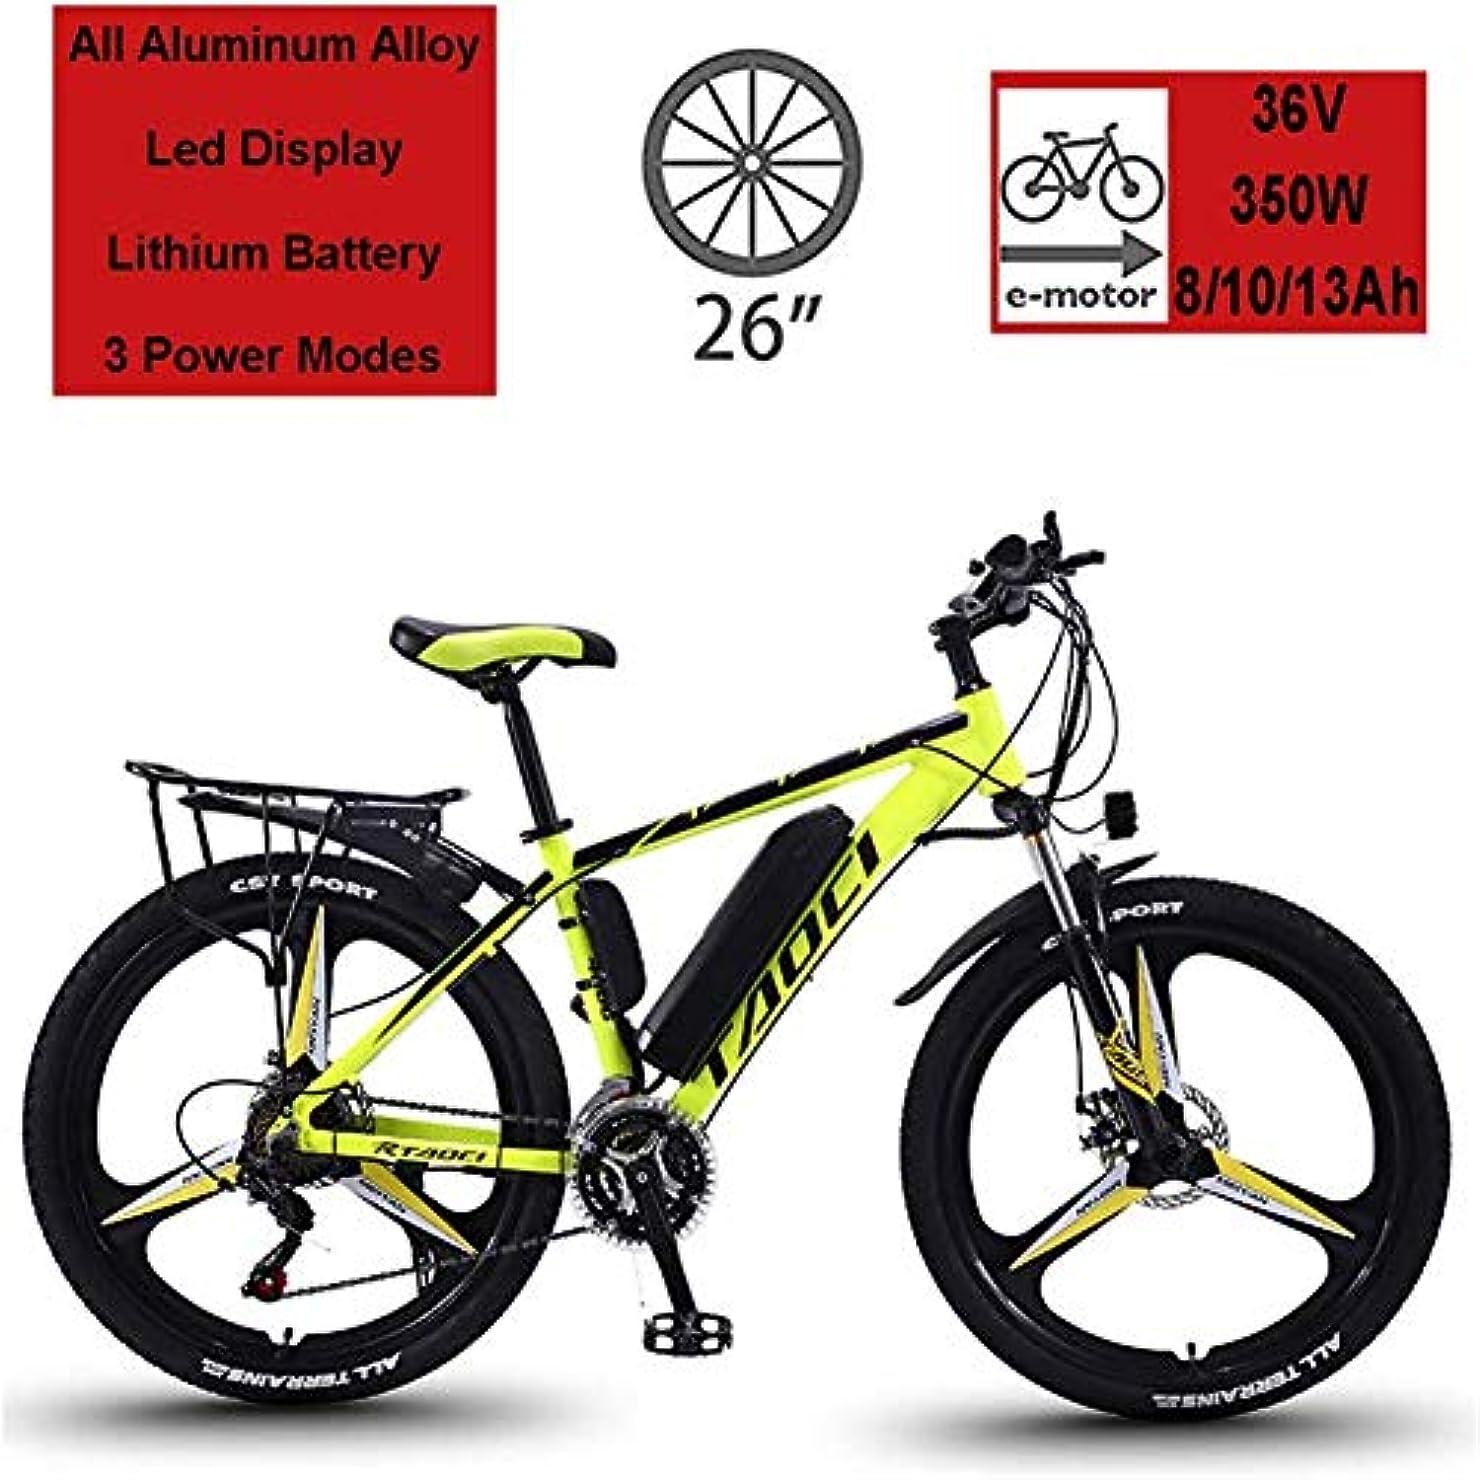 追跡国歌比類なき2020年の新しい大人用電動自転車、26インチ36 V 350 W 13Ah LECマグネシウム合金サイクリング自転車、全地形型リチウムイオンバッテリーマウンテンバイク、男性用150 kg